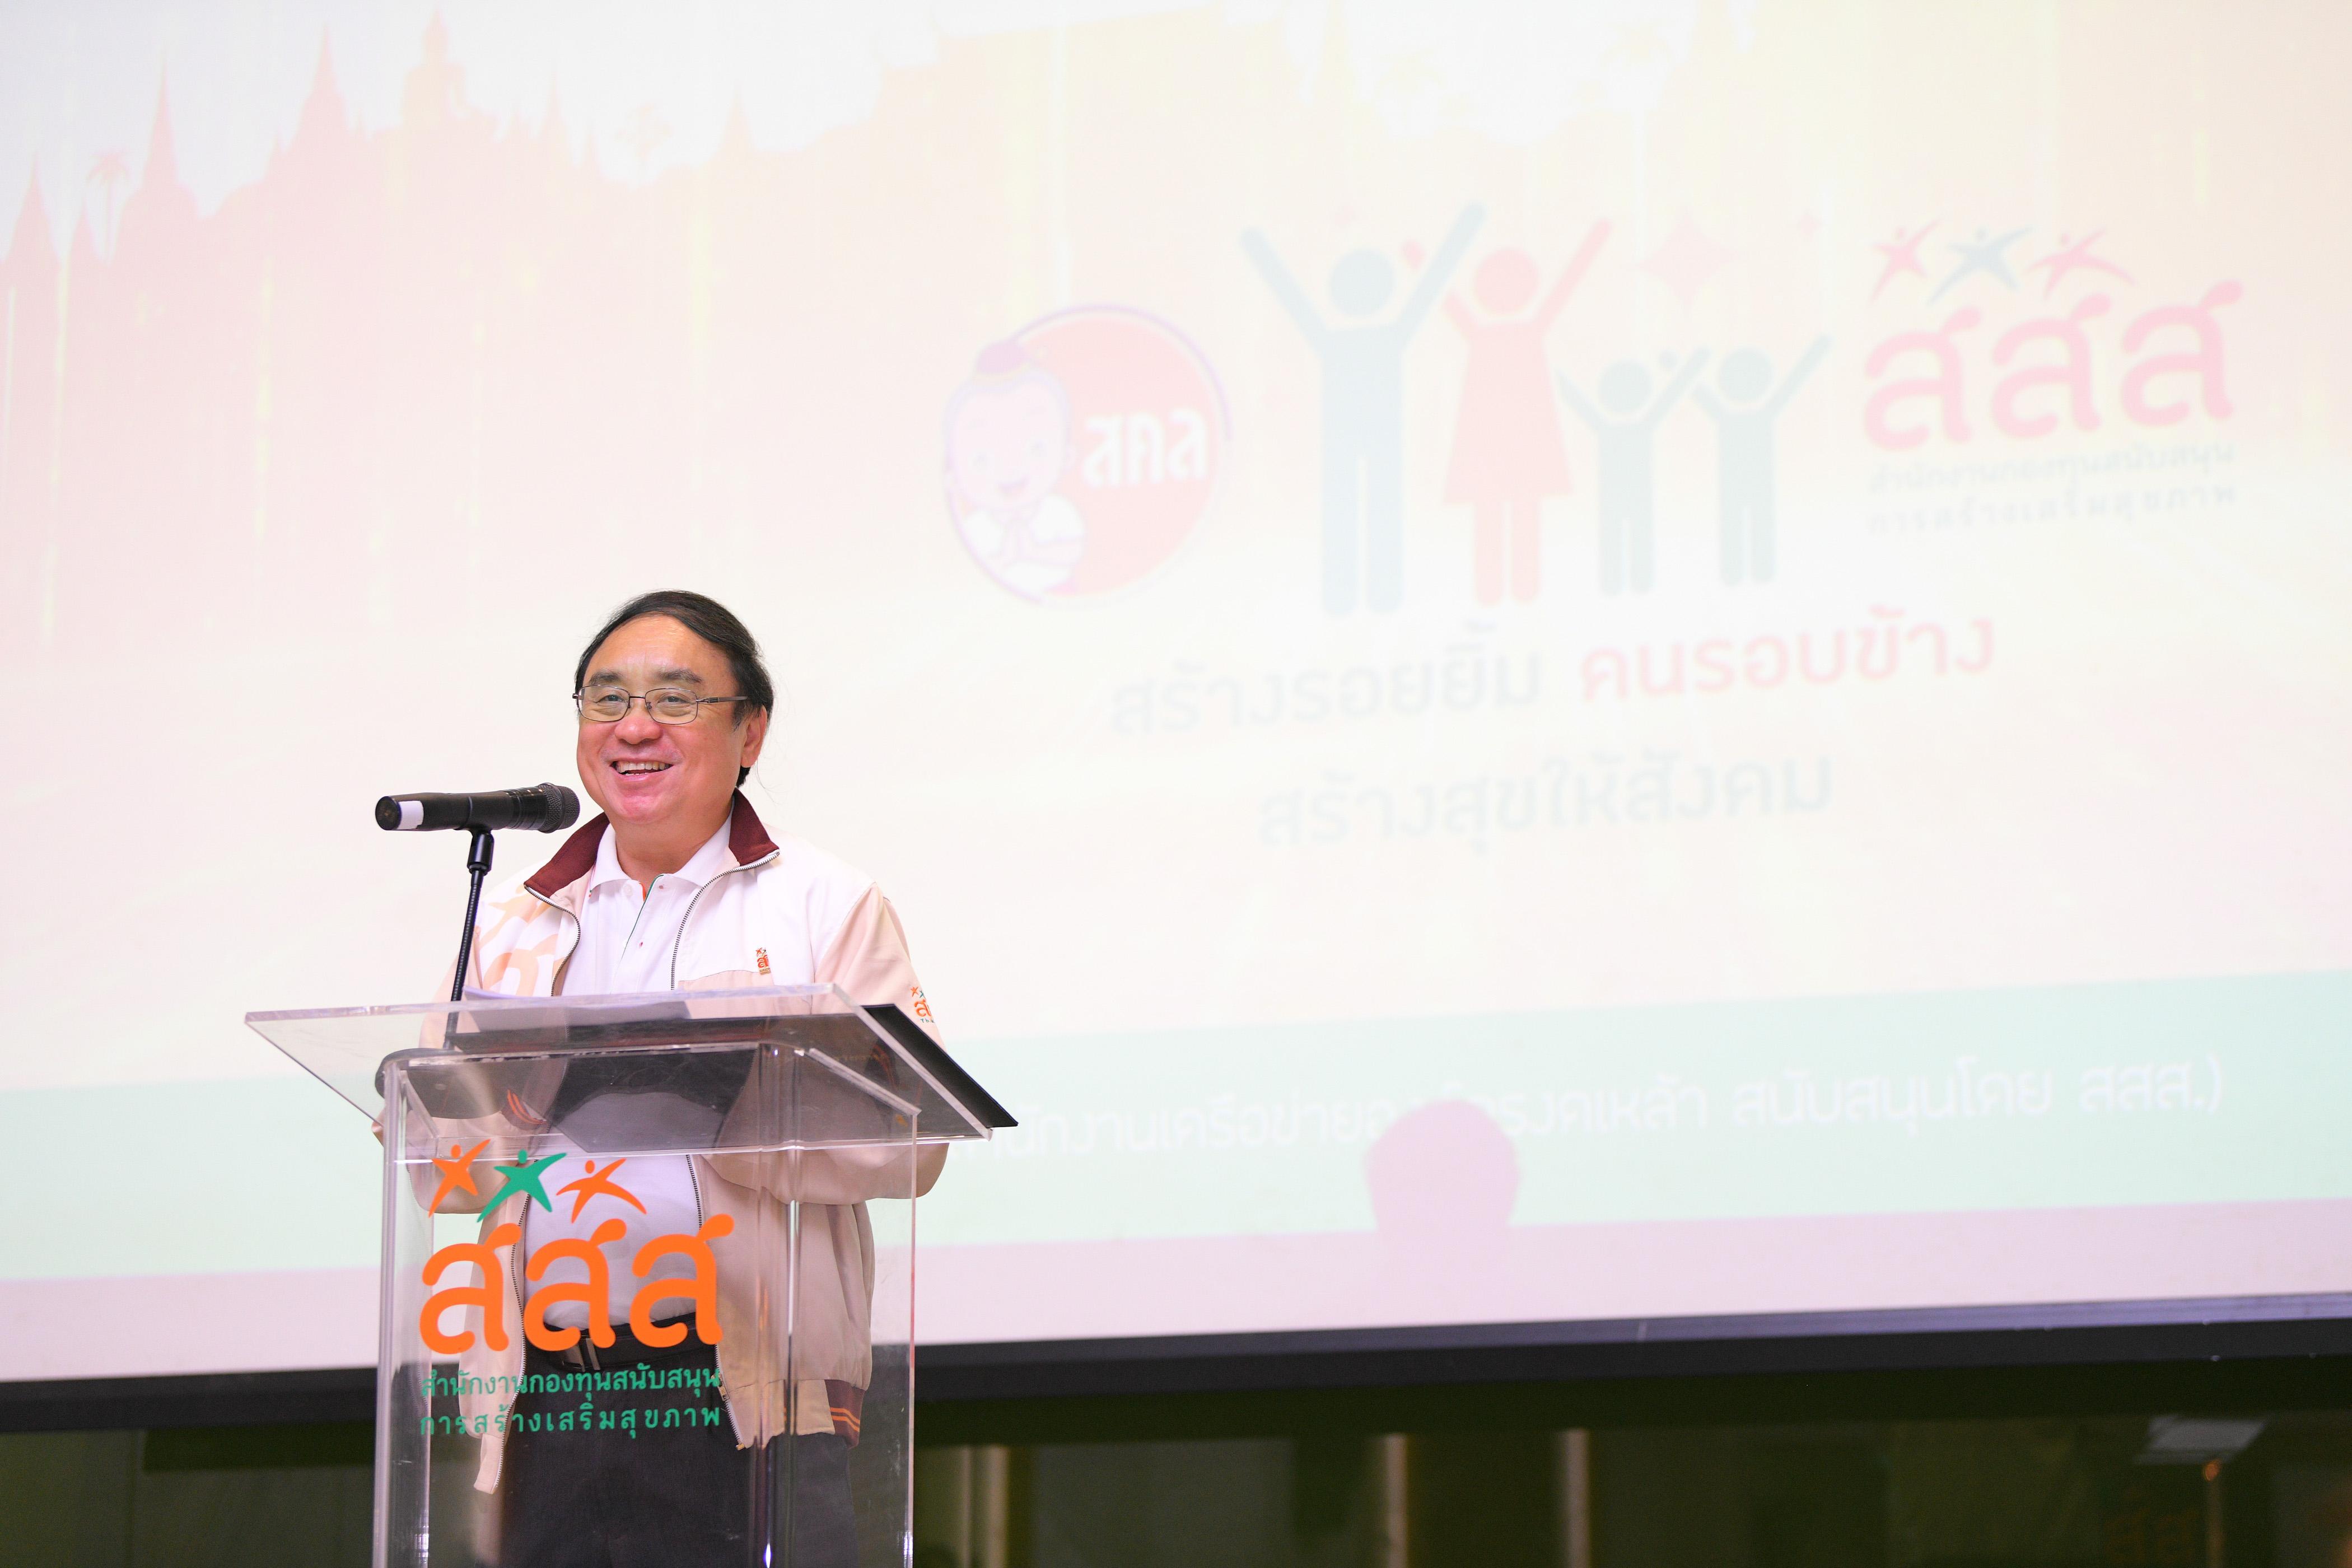 """19 ปี สสส. สานพลังสร้างสุขภาวะสังคมไทย ท่ามกลางวิกฤต (โควิด-19) ที่เป็นโอกาส ปลุก """"ชีวิตวิถีใหม่"""" thaihealth"""